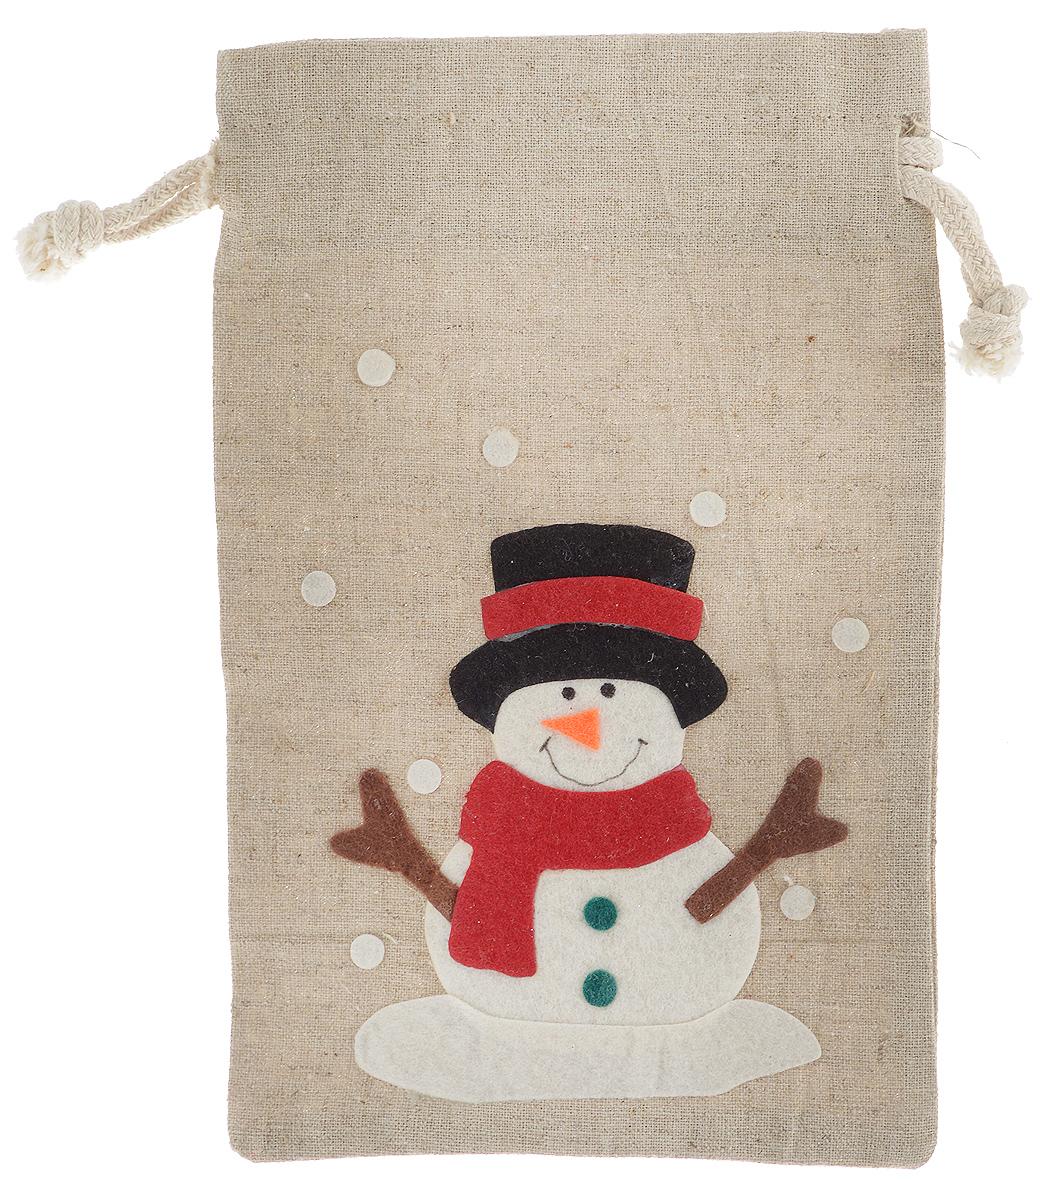 Мешок для подарков Winter Wings Новогодние герои кантри. Снеговик, 13 х 20,5 смN14070_снеговикМешок Winter Wings Новогодние герои кантри, выполненный из полиэстера, предназначен для подарков. Мешочек украшен аппликацией в виде снеговика и падающего снега. Такой аксессуар особенно актуален в преддверии новогодних праздников. Откройте для себя удивительный мир сказок и грез. Почувствуйте волшебные минуты ожидания праздника, создайте новогоднее настроение вашим дорогим и близким.